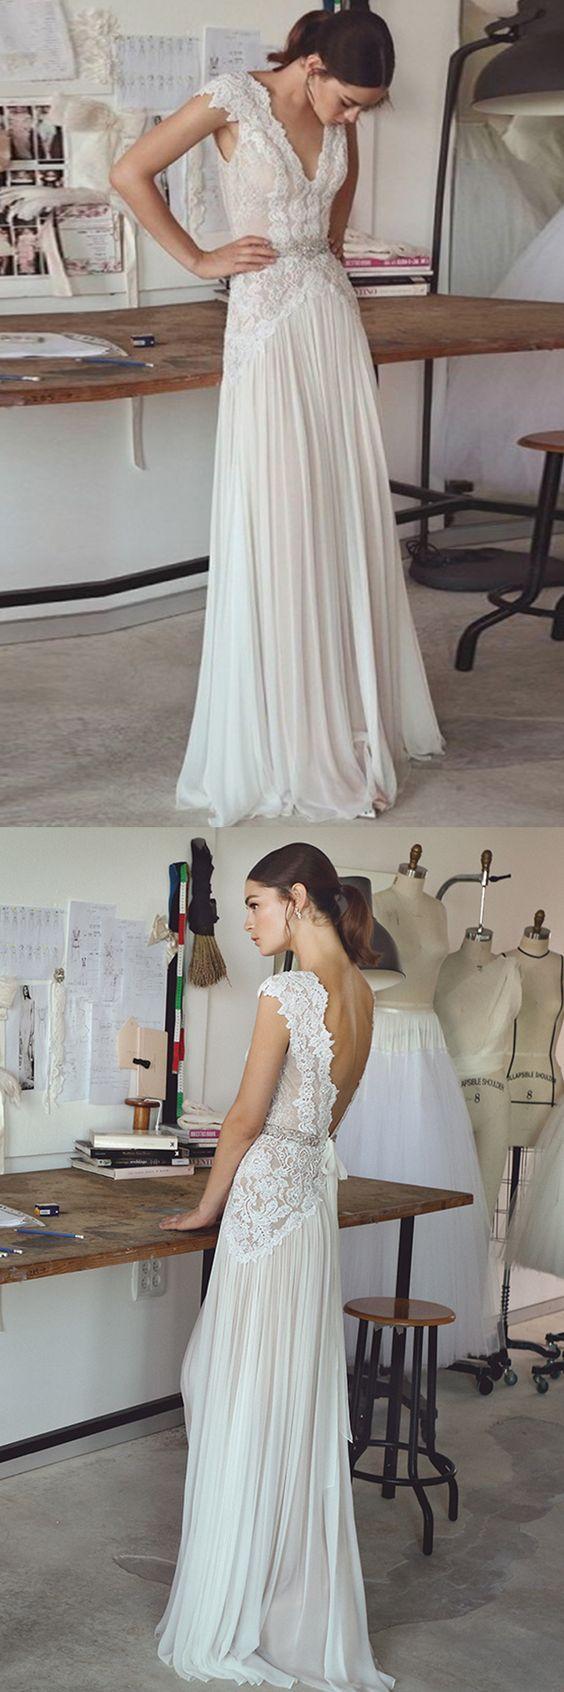 Elegant v neck wedding dresses, white backless wedding dresses, lace long wedding dresses